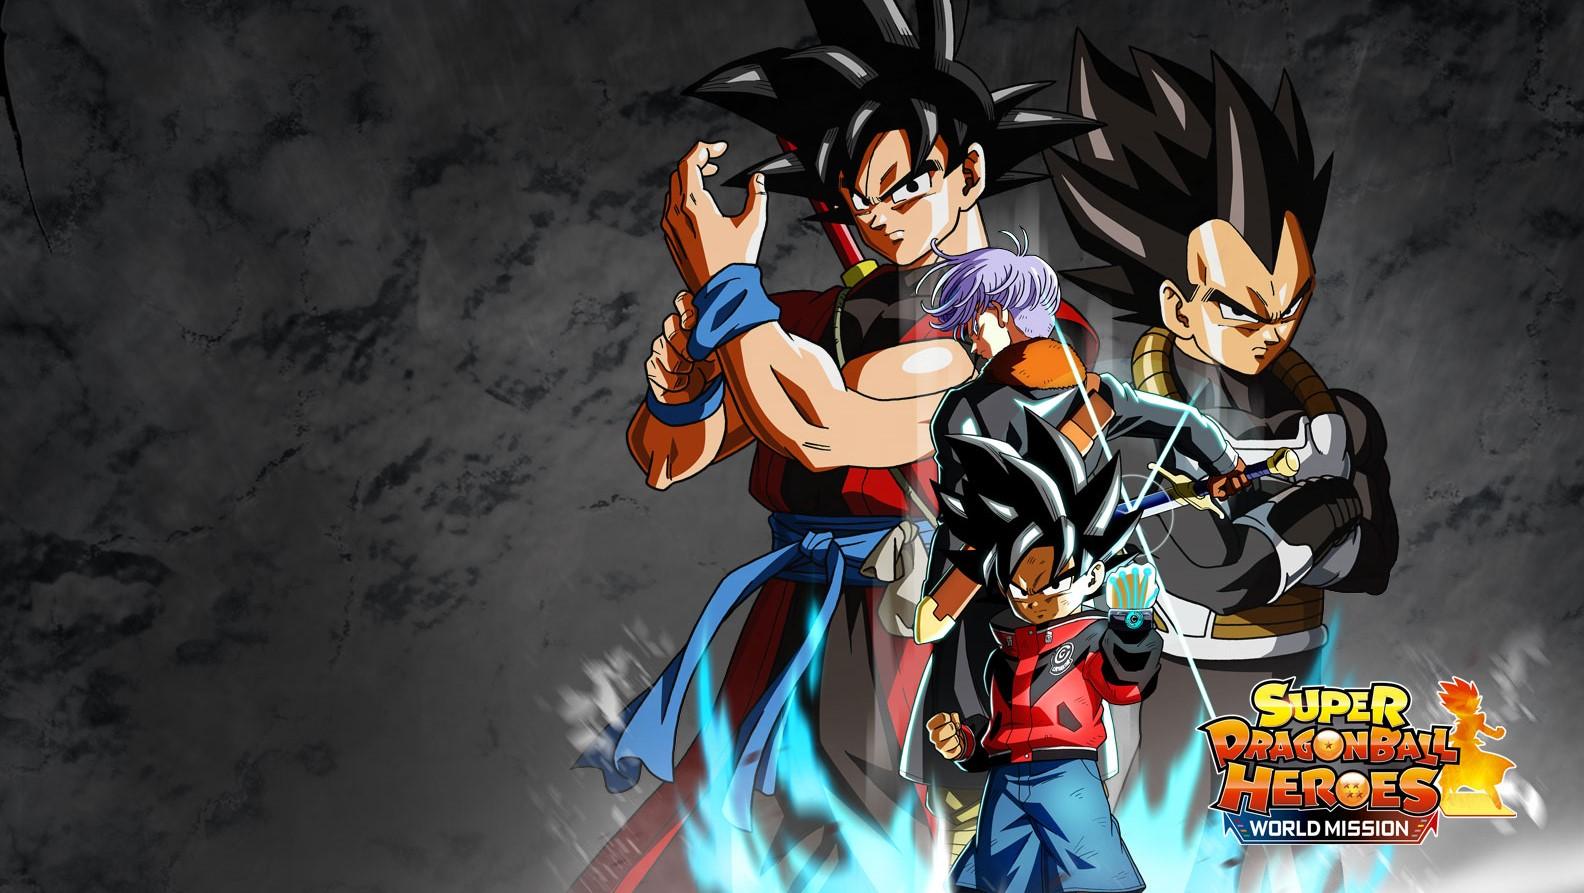 In arrivo la demo per Super Dragon Ball Heroes World Mission su Nintendo Switch